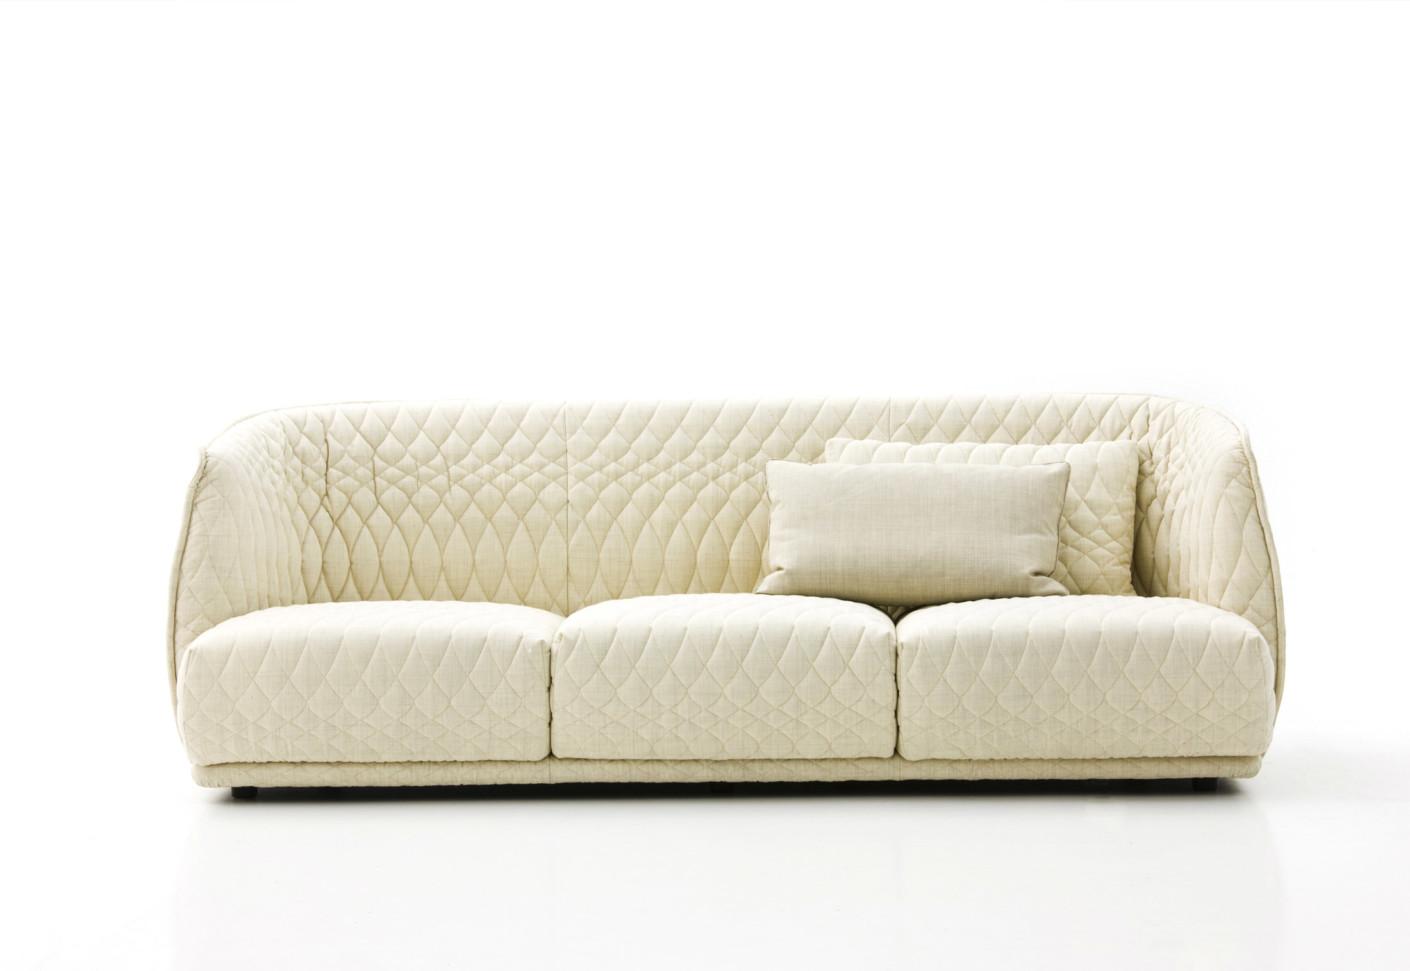 Redondo Sofa By Moroso STYLEPARK